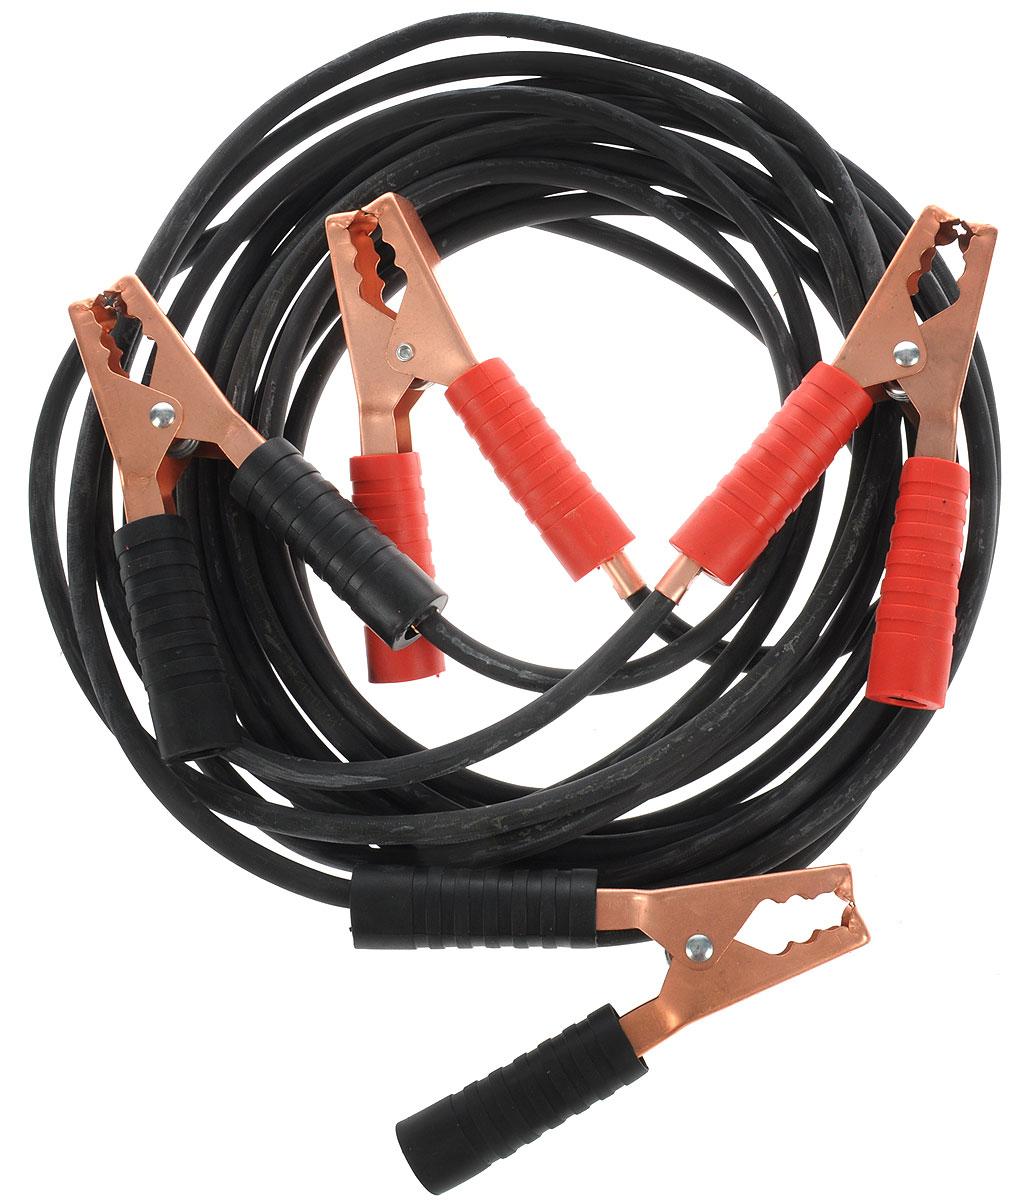 Провода стартовые Орион авто, хладостойкие, в сумке, 500А, 4,5 м5066Провода стартовые Орион авто предназначены для запуска двигателя автомобиля с разряженной аккумуляторной батареей от аккумулятора другого автомобиля. Особенности проводов:-Морозостойкий эластичный кабель в резиновой изоляции -Многожильный медный проводник. -Полностью изолированные зажимы. -Надежные пропаянные соединения провода с зажимами. -Температура эксплуатации от -50°С до +80°С.Ток: 500 А.Длина проводов: 4,5 м.